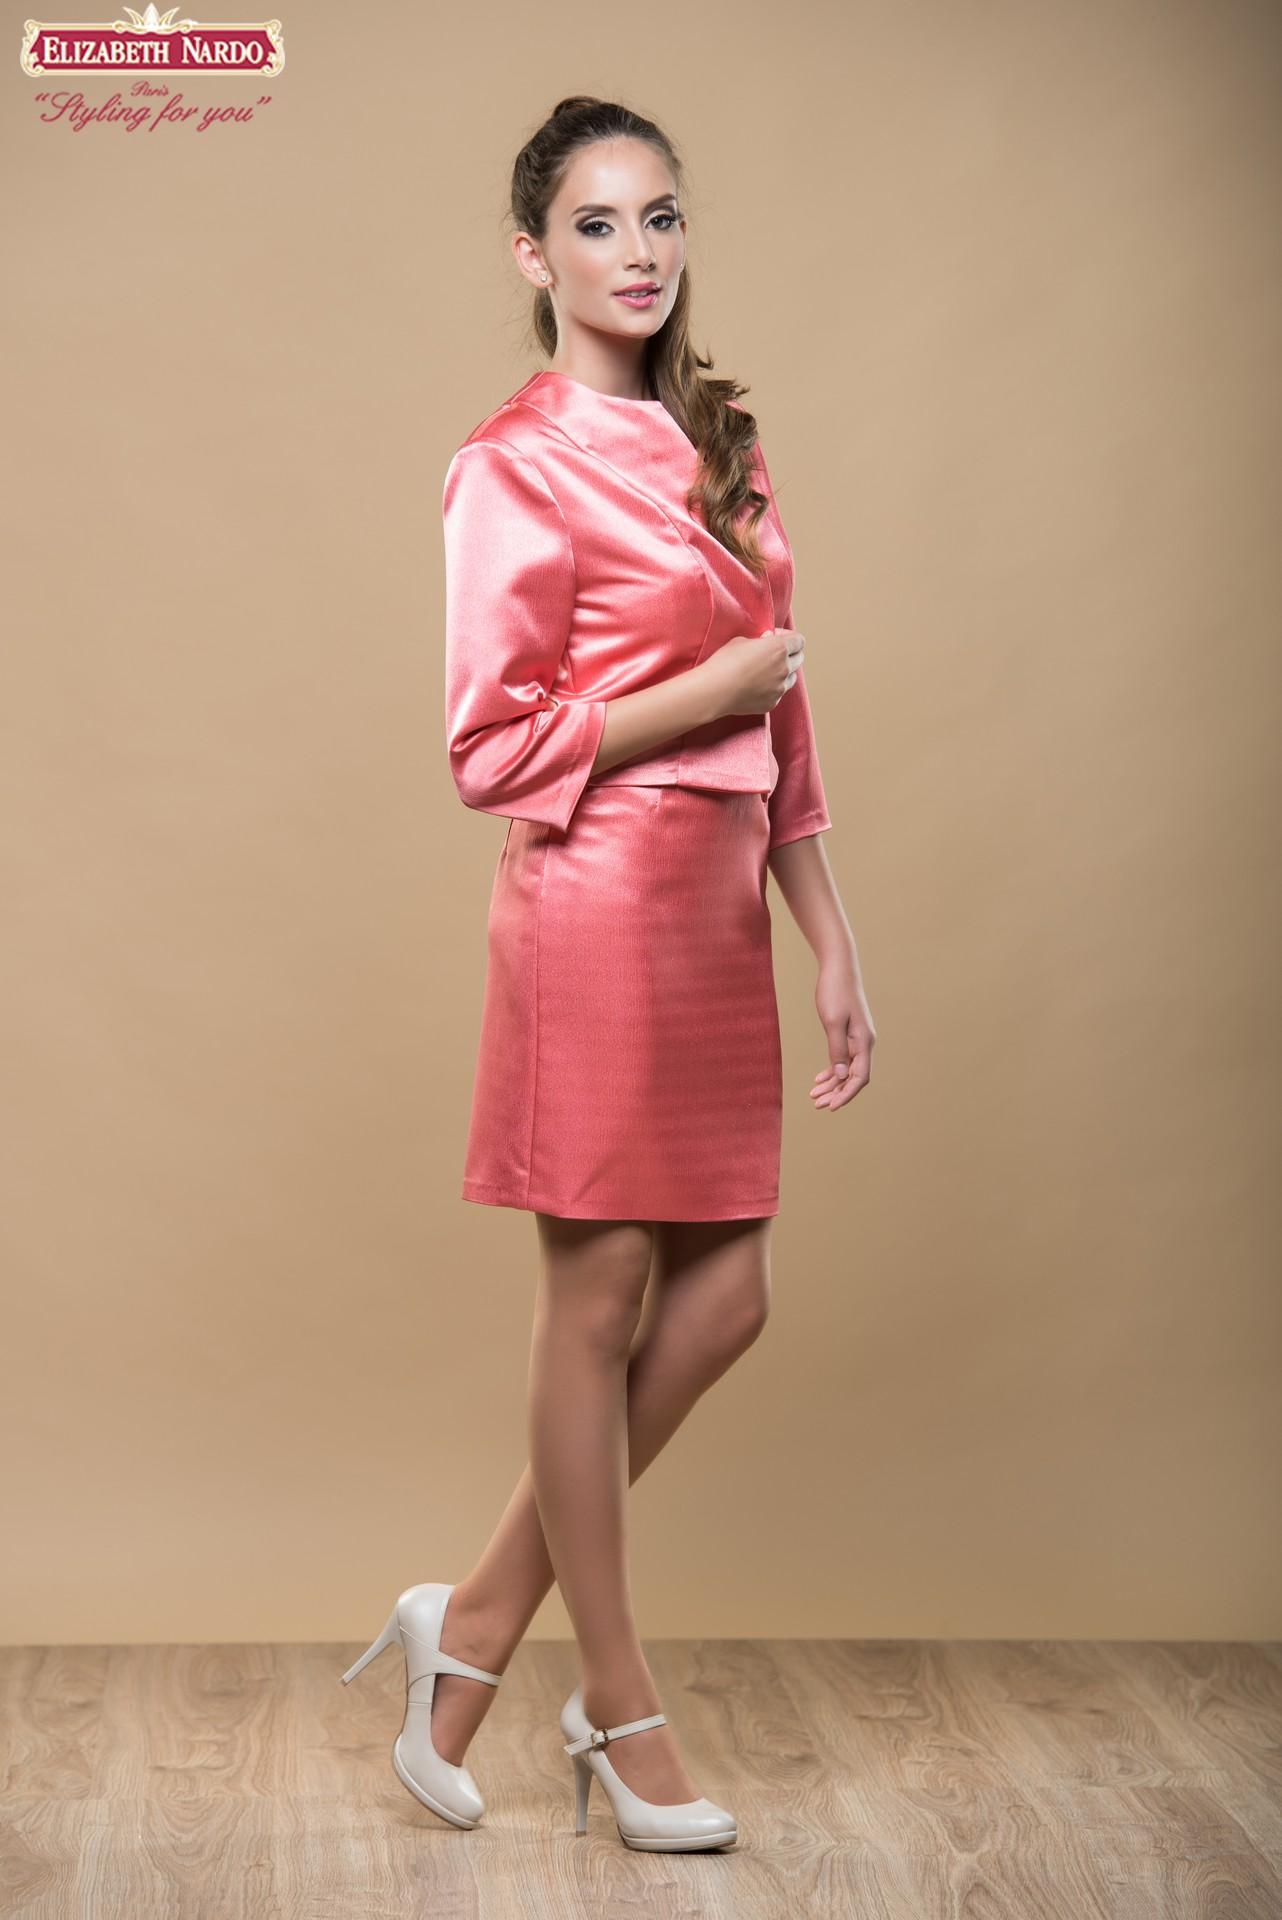 255959e526 Koktélruhák - Örömanya ruha, koktél ruha 17-405 - Menyasszonyi ruhák ...